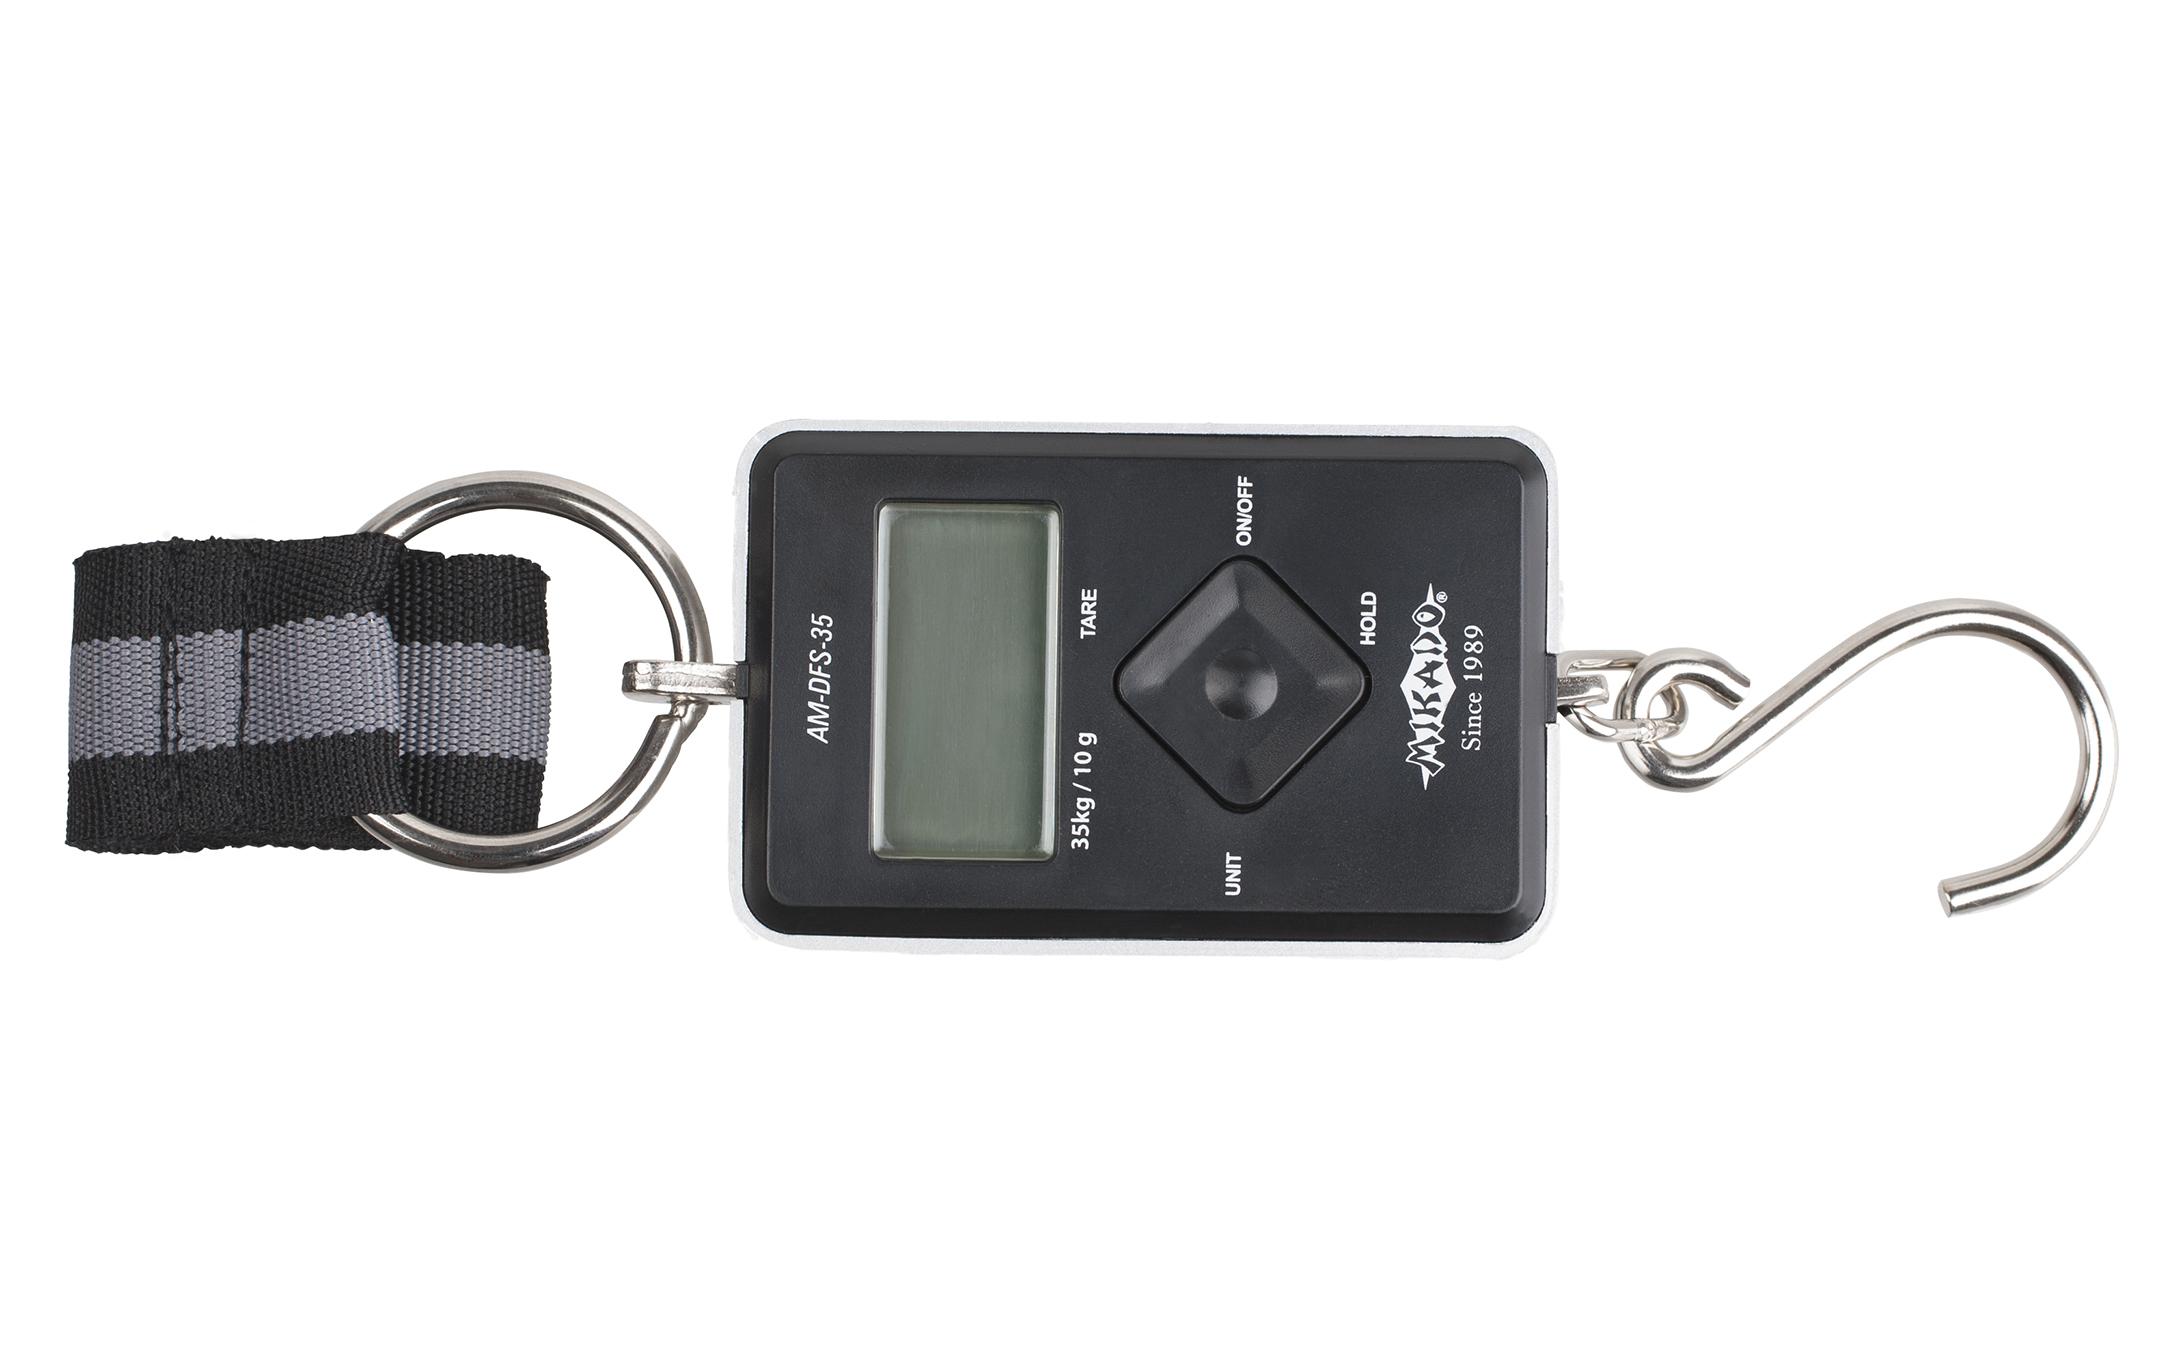 MIKADO waga elektroniczna wędkarska do 35 kg